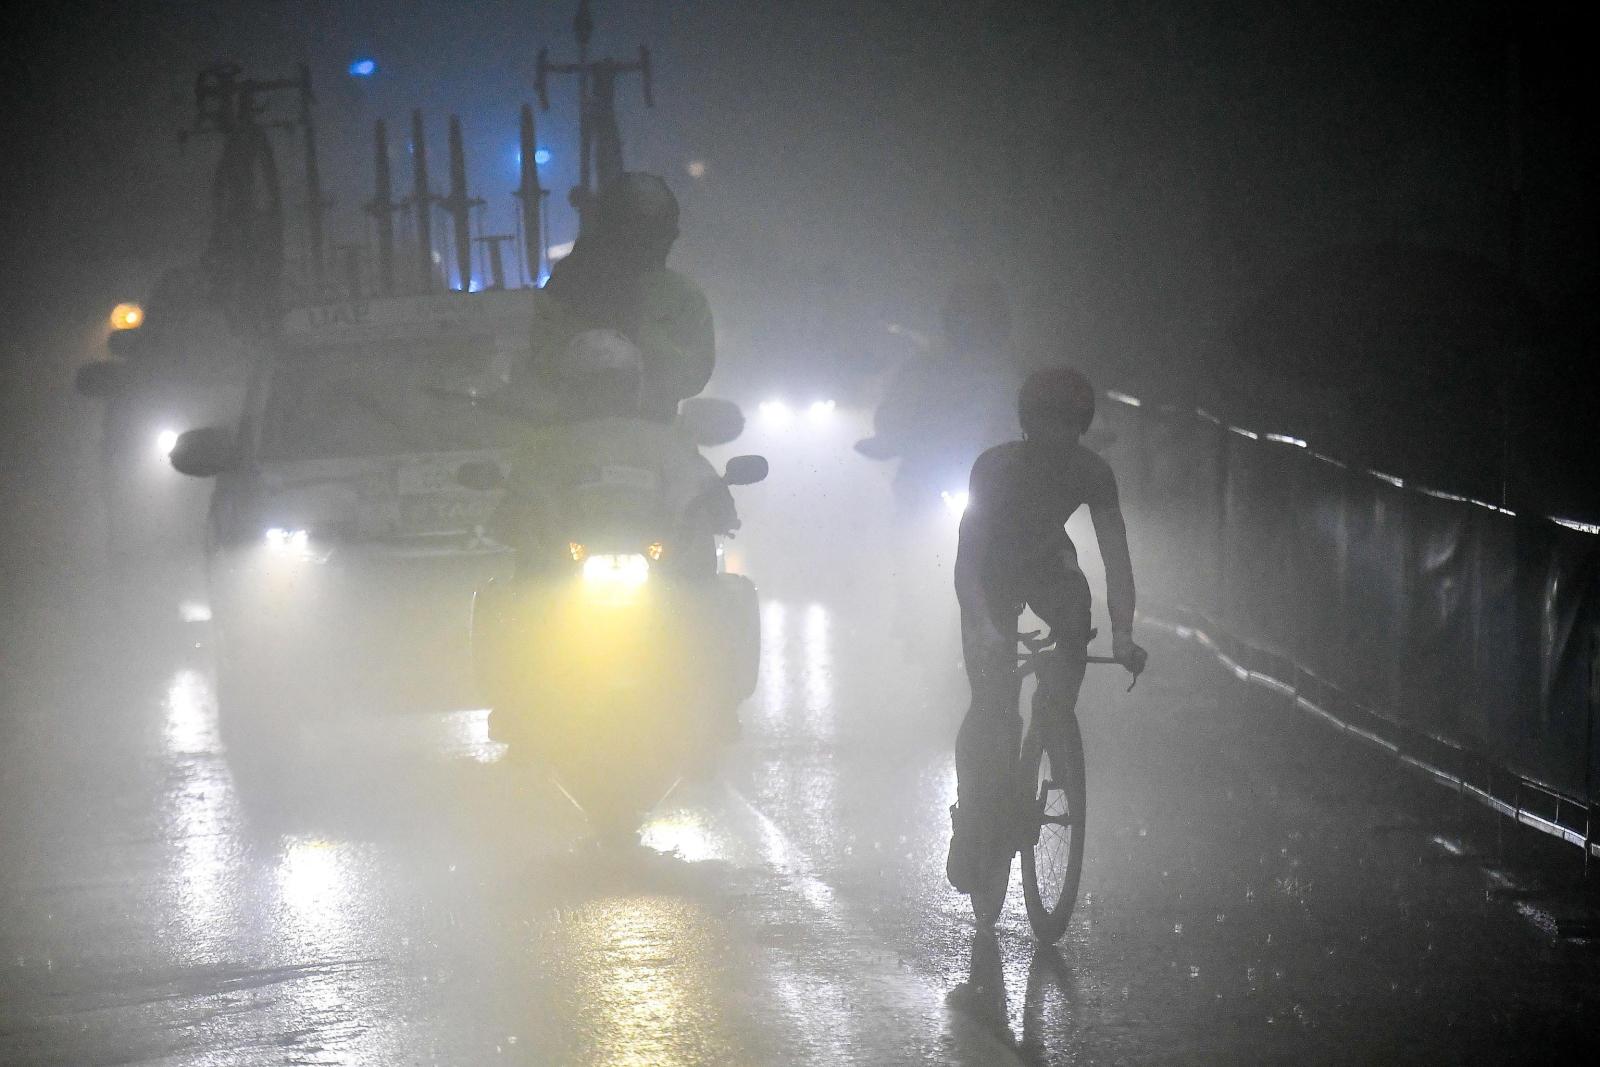 9 etap Giro d'Italia. Fot. PAP/EPA/ALESSANDRO DI MEO